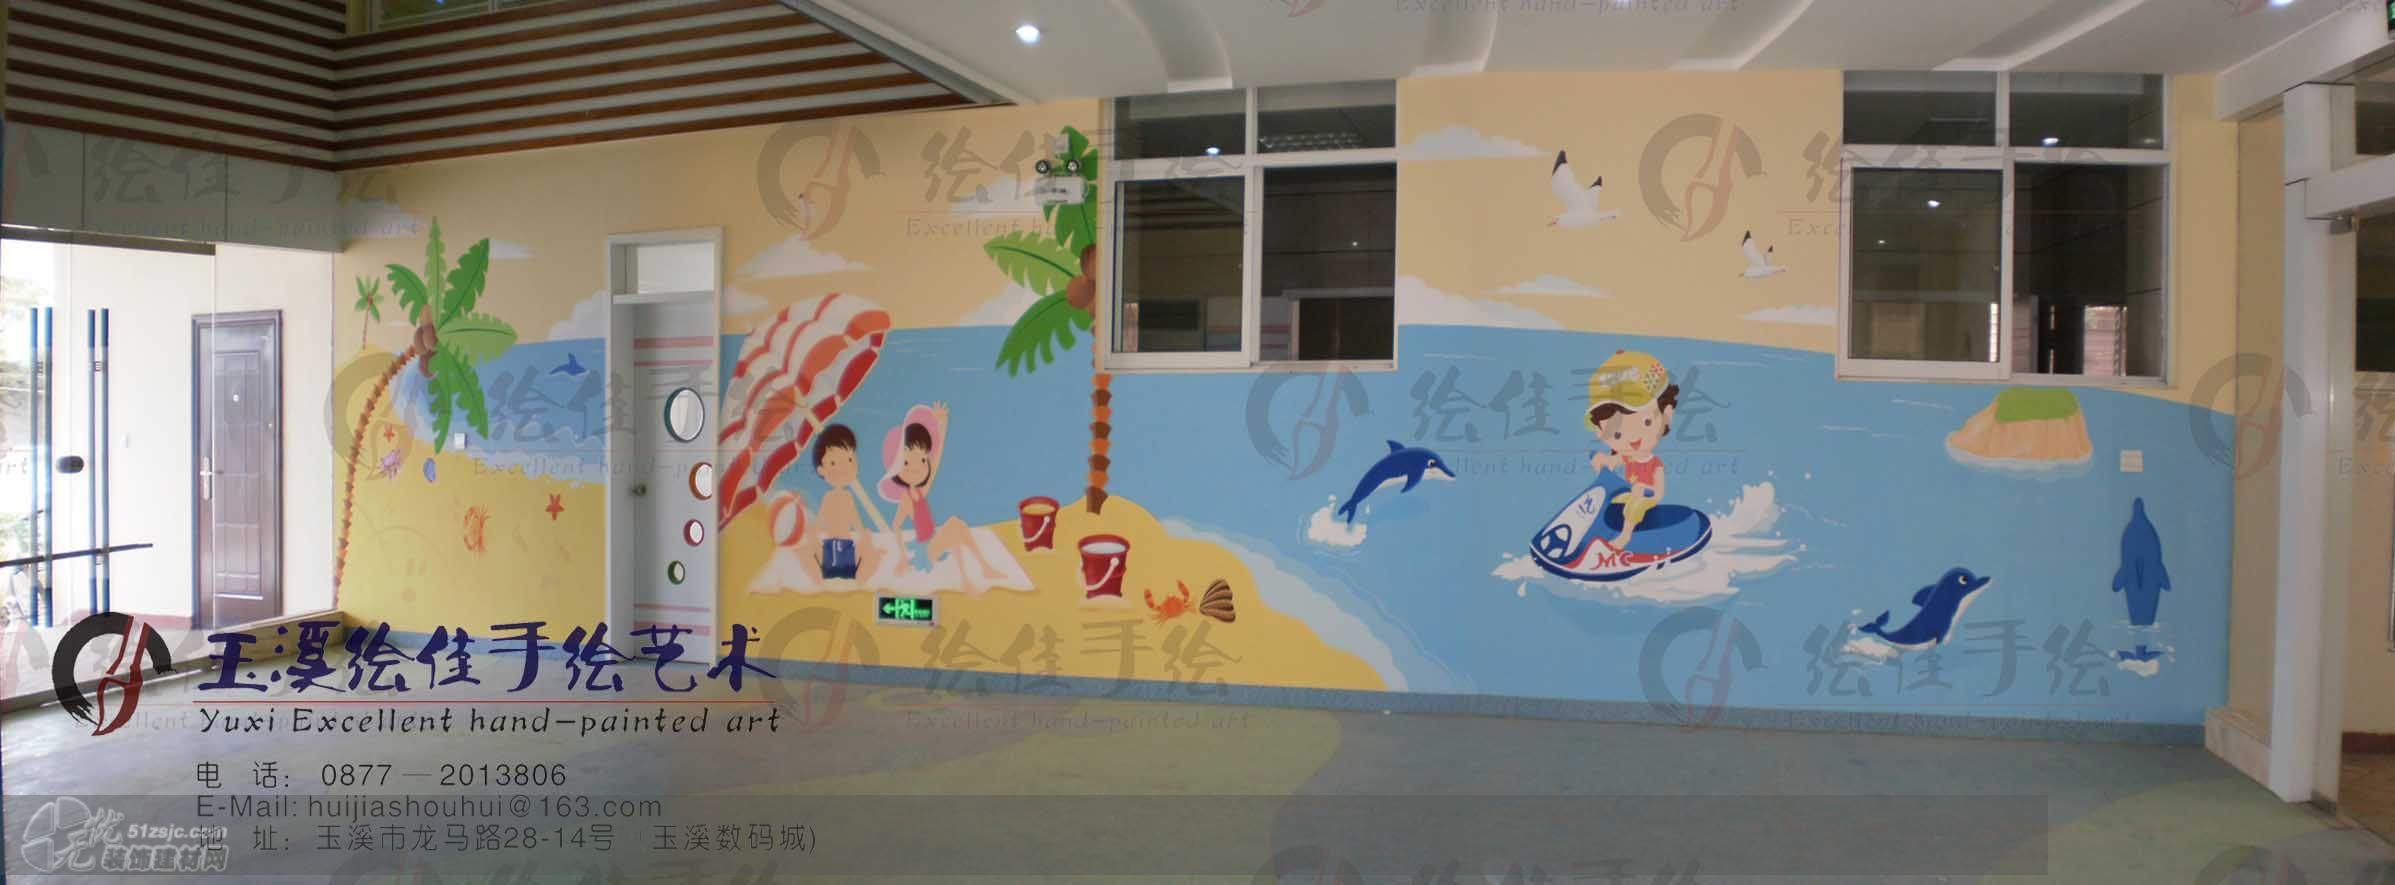 图片标题:幼儿园手绘墙